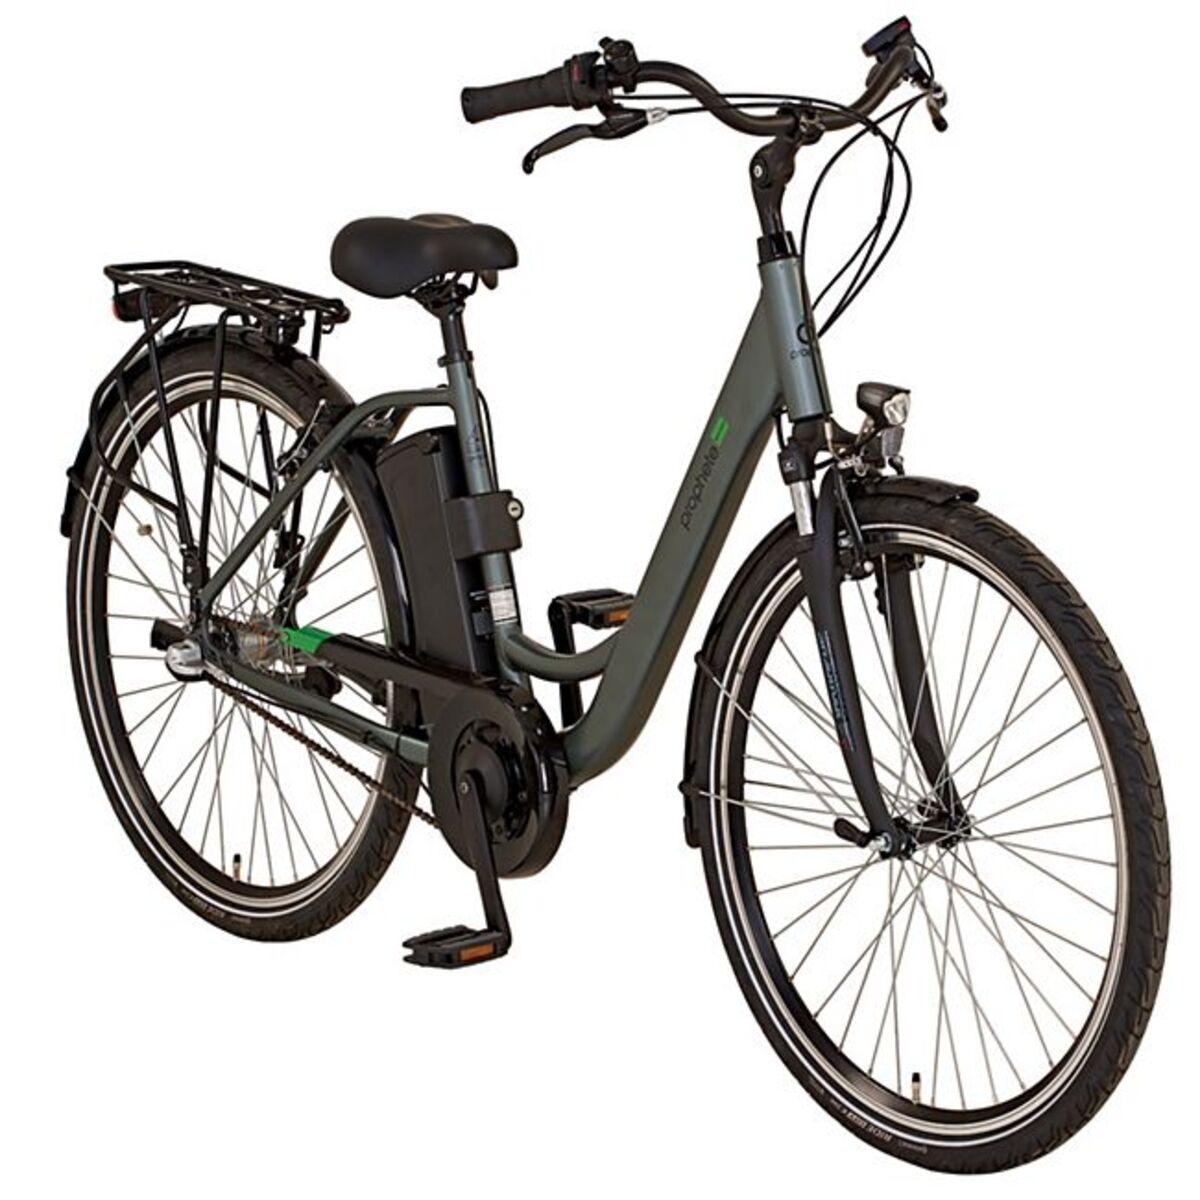 """Bild 1 von PROPHETE GENIESSER 20.EMC.20 28"""" City E-Bike"""